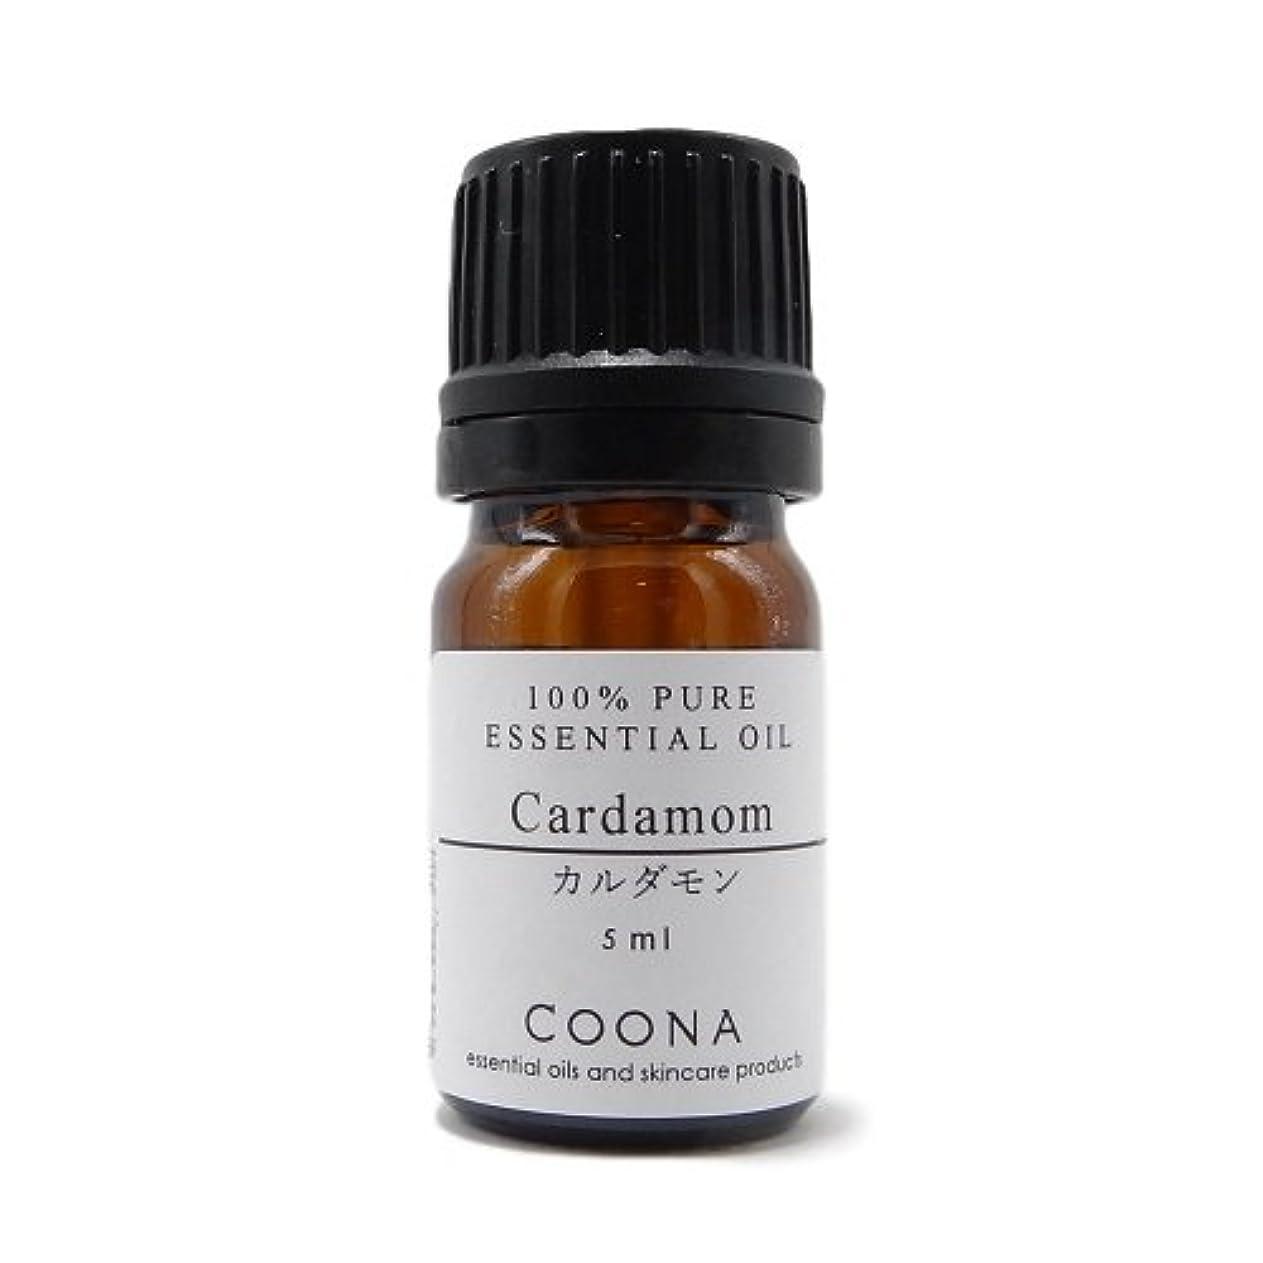 協力静脈化粧カルダモン 5 ml (COONA エッセンシャルオイル アロマオイル 100%天然植物精油)